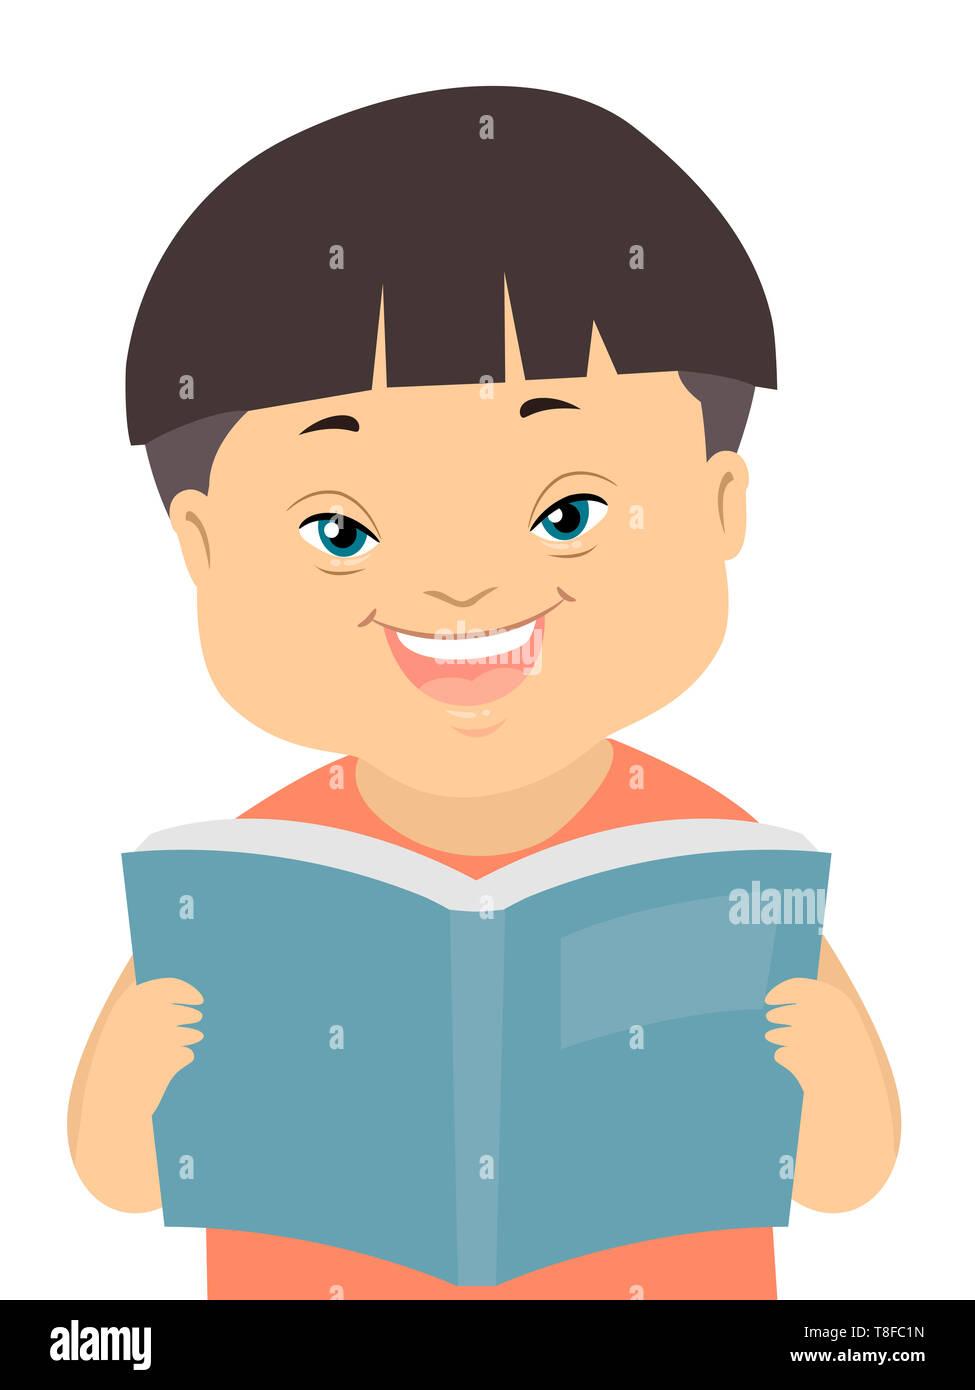 Ilustración de un niño chico con Síndrome de Down leyendo